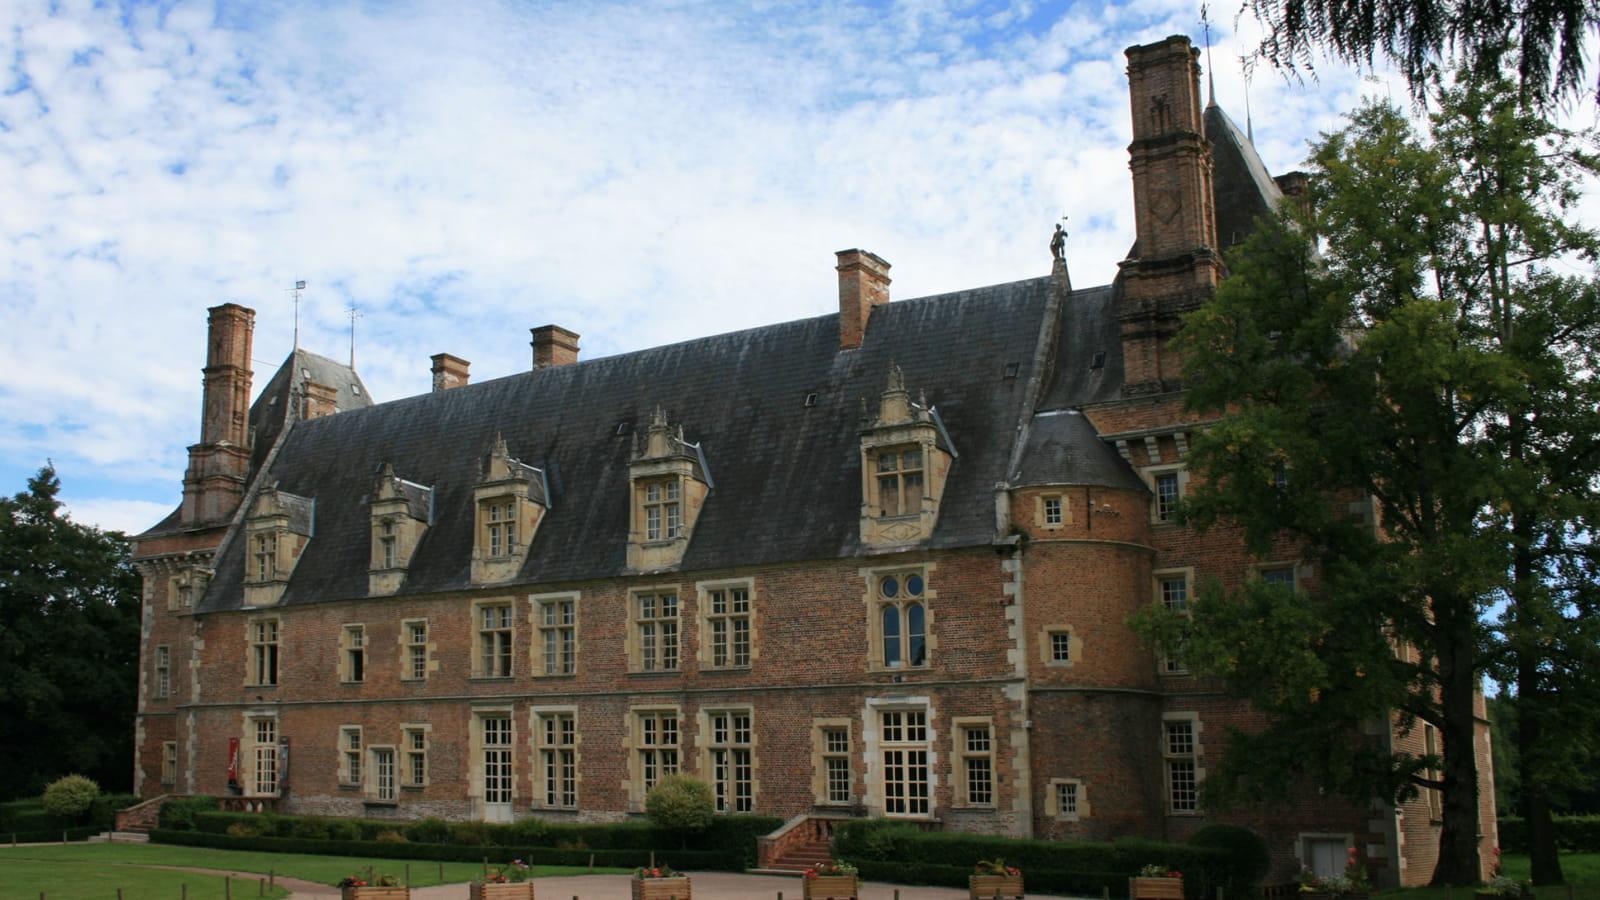 Le Château de Saint-Amand-en-Puisaye : un édifice Renaissance dans le Nivernais